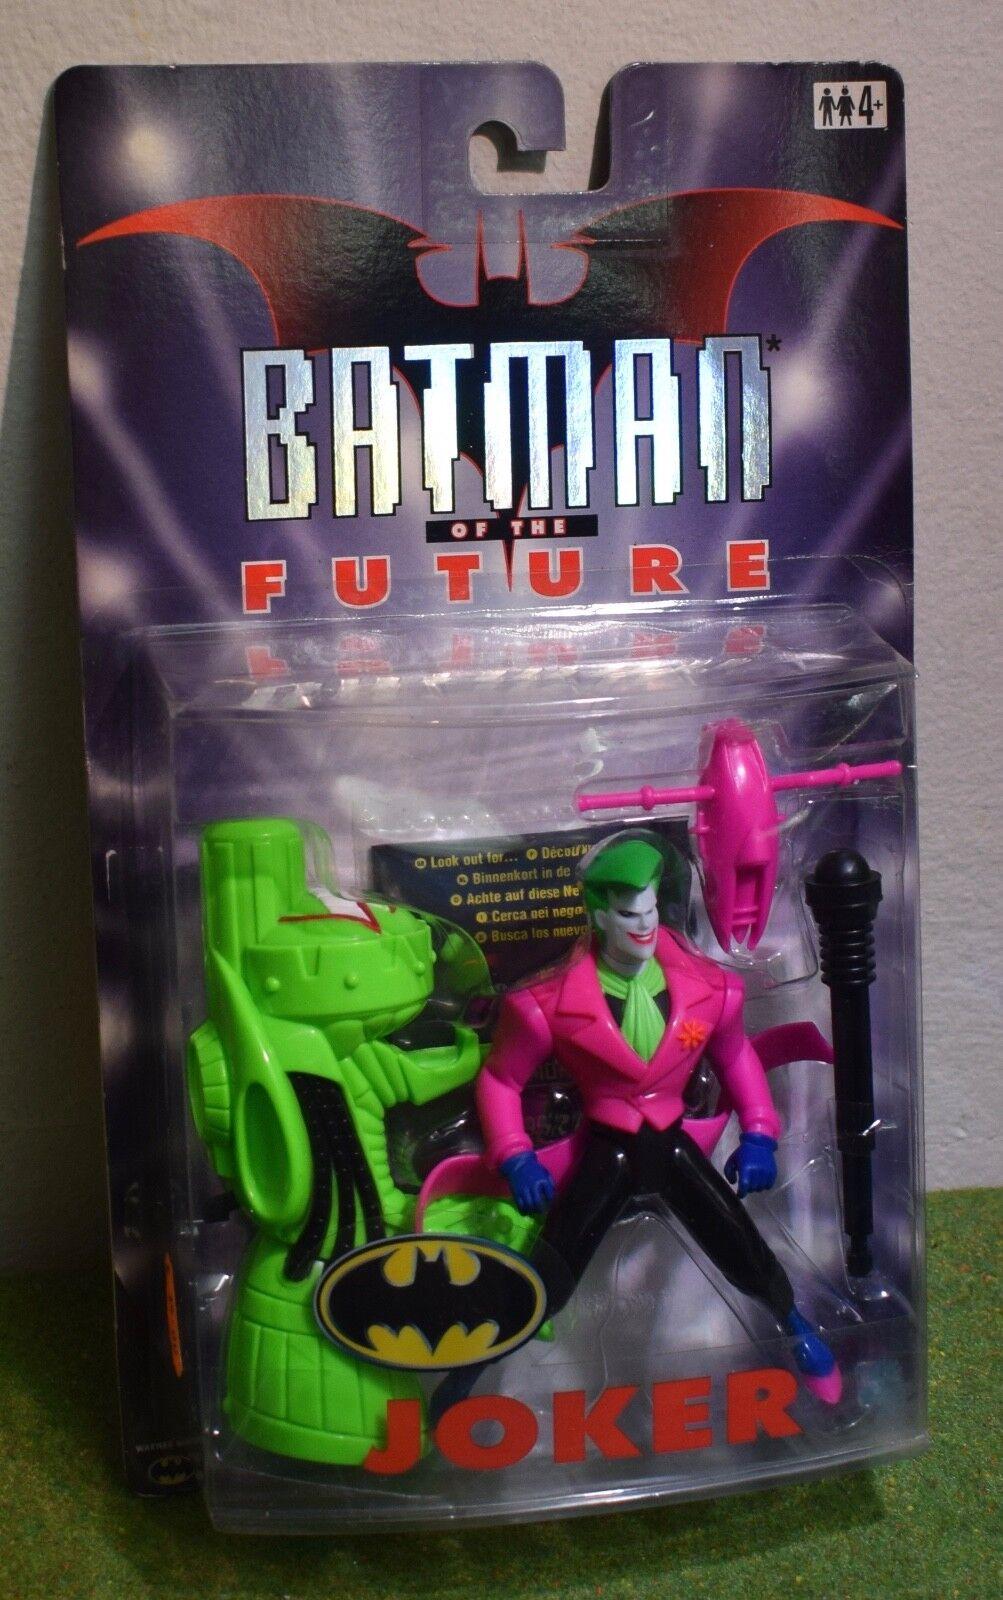 HASBRO BATMAN OF THE FUTURE JOKER ACTION FIGURE